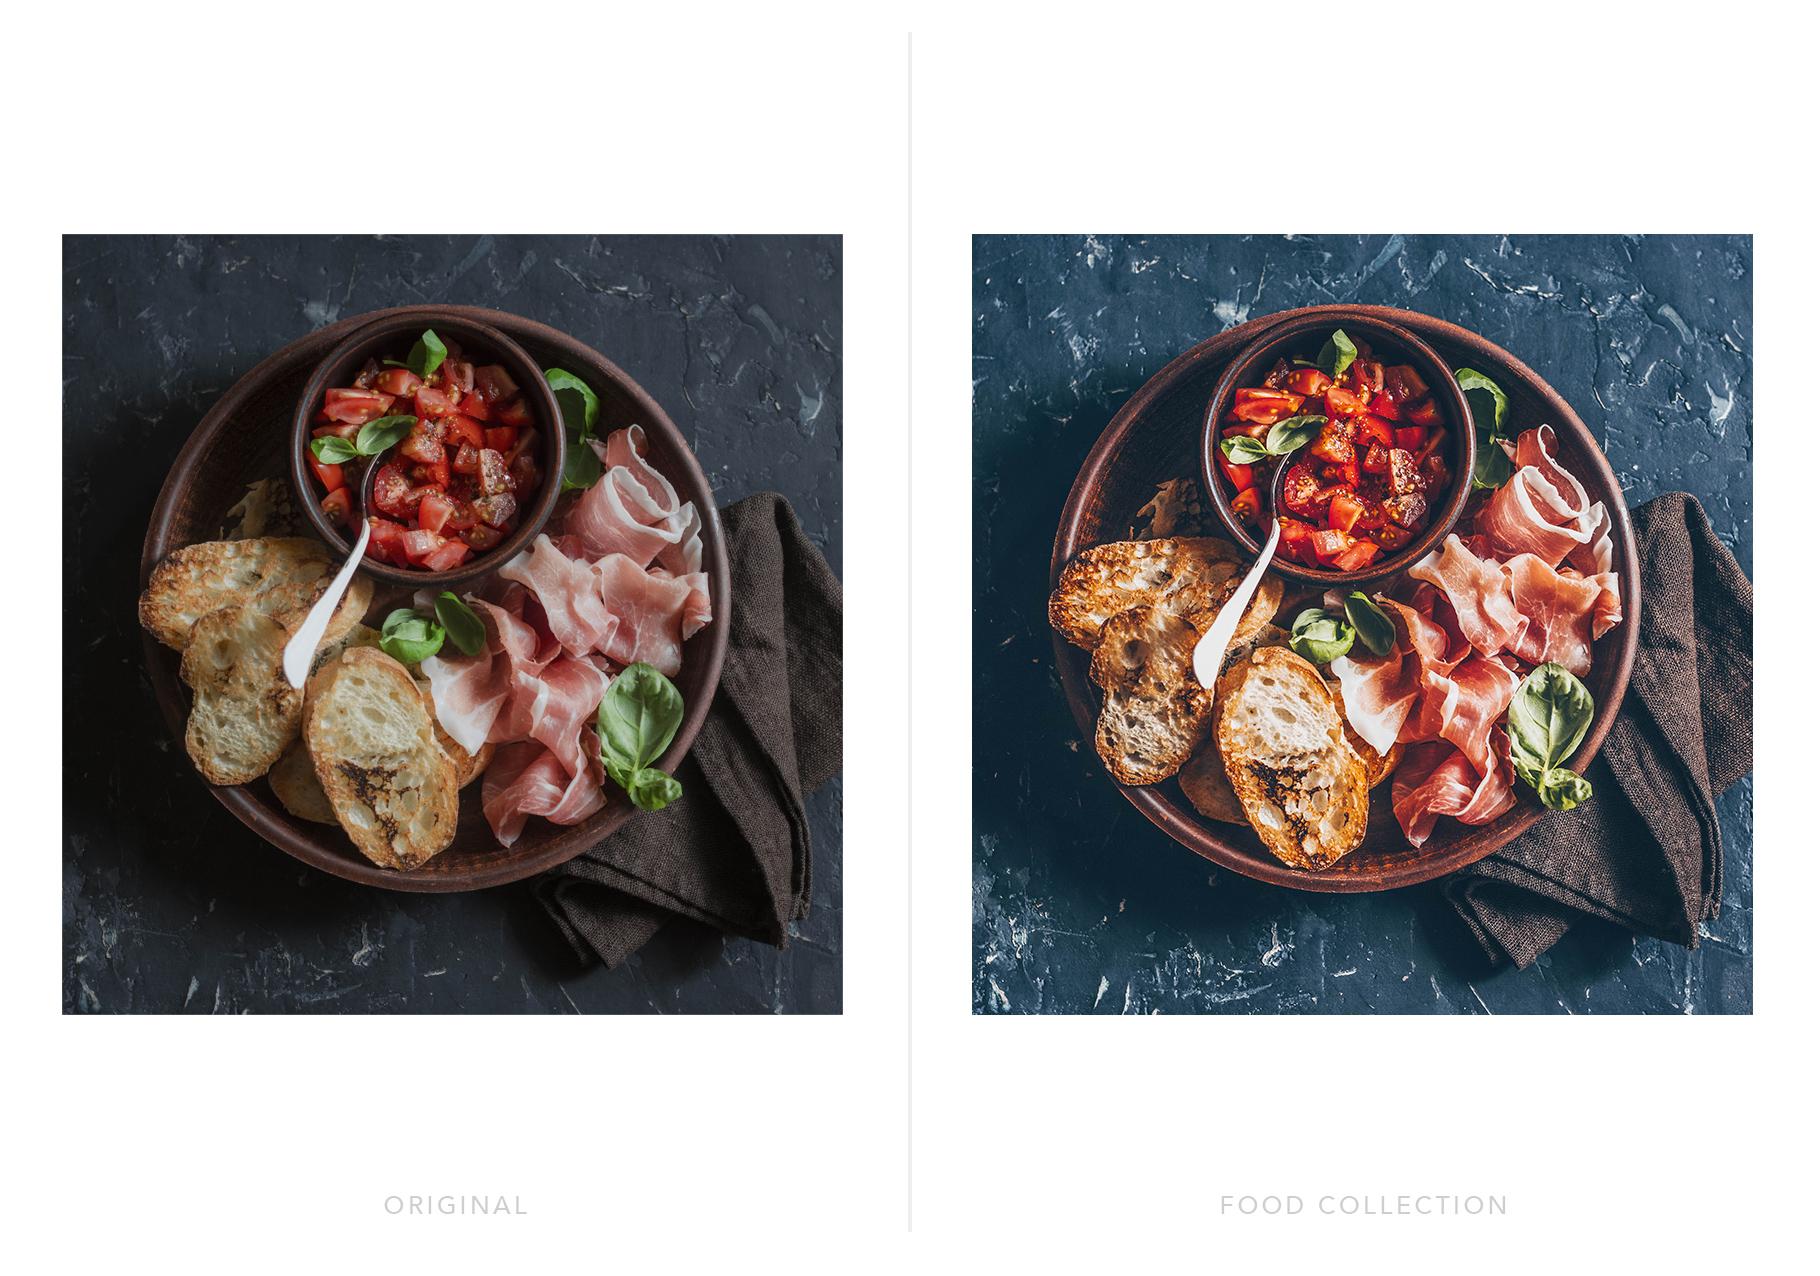 food-photography-lightroom-presets-download-1.jpg